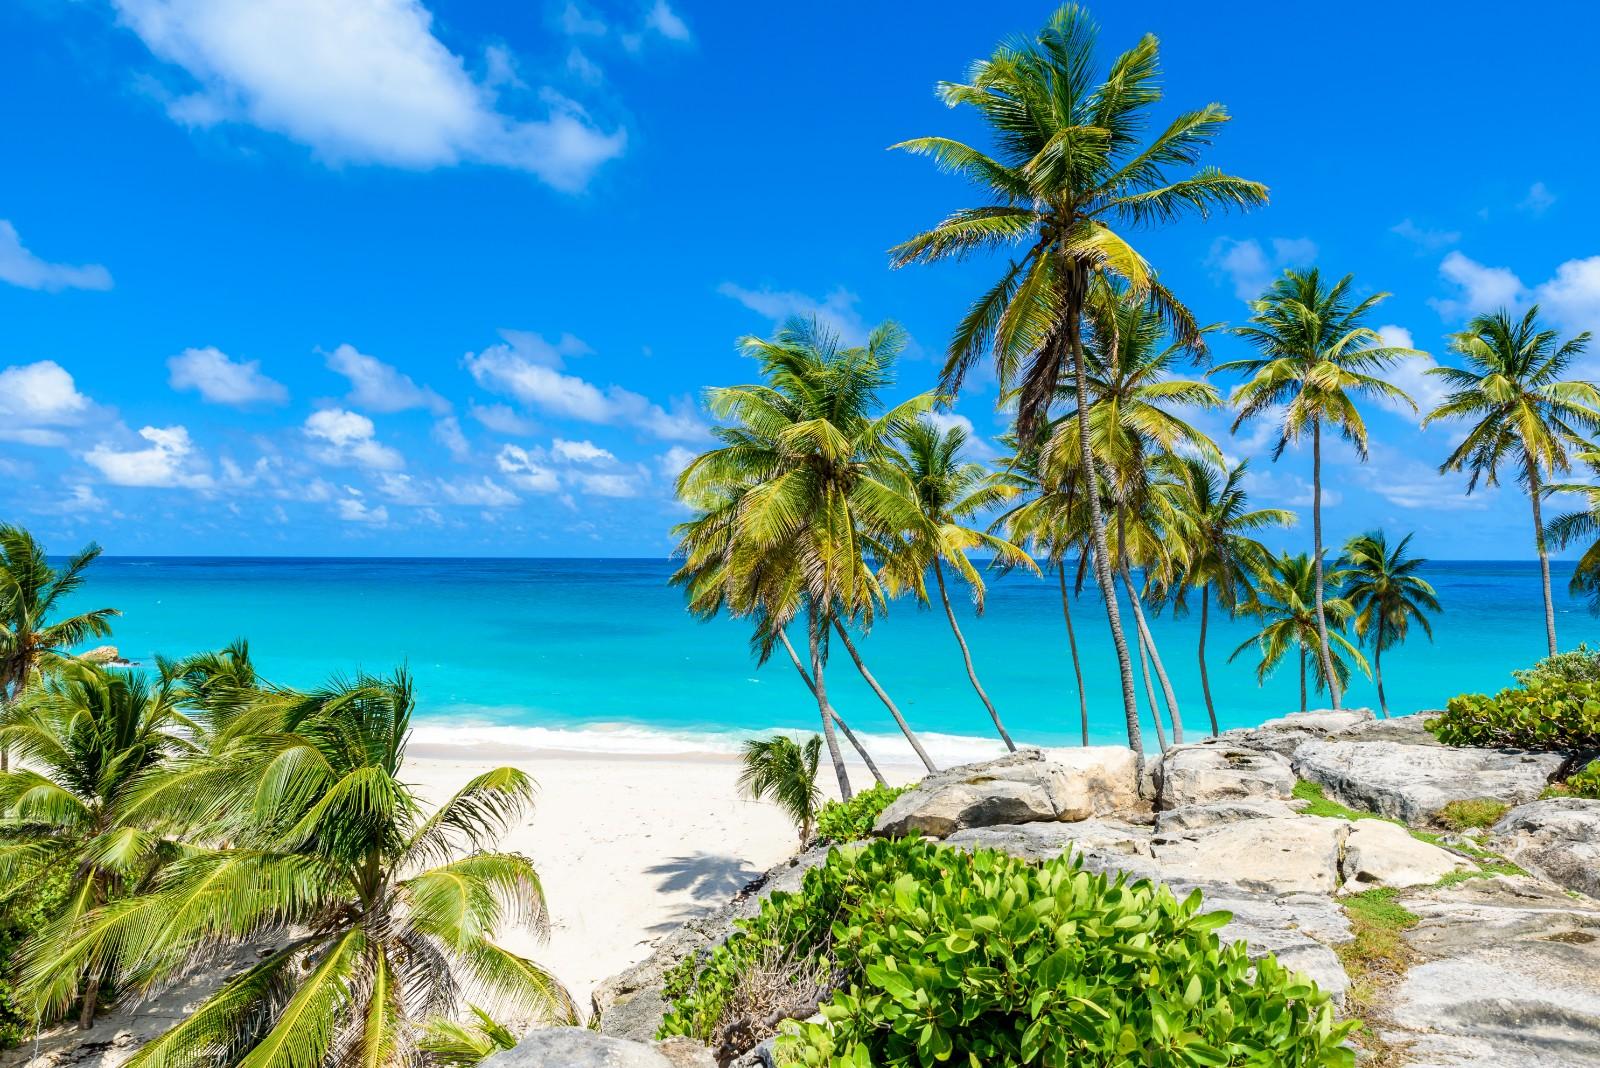 Vacation Home Rentals in Barbados